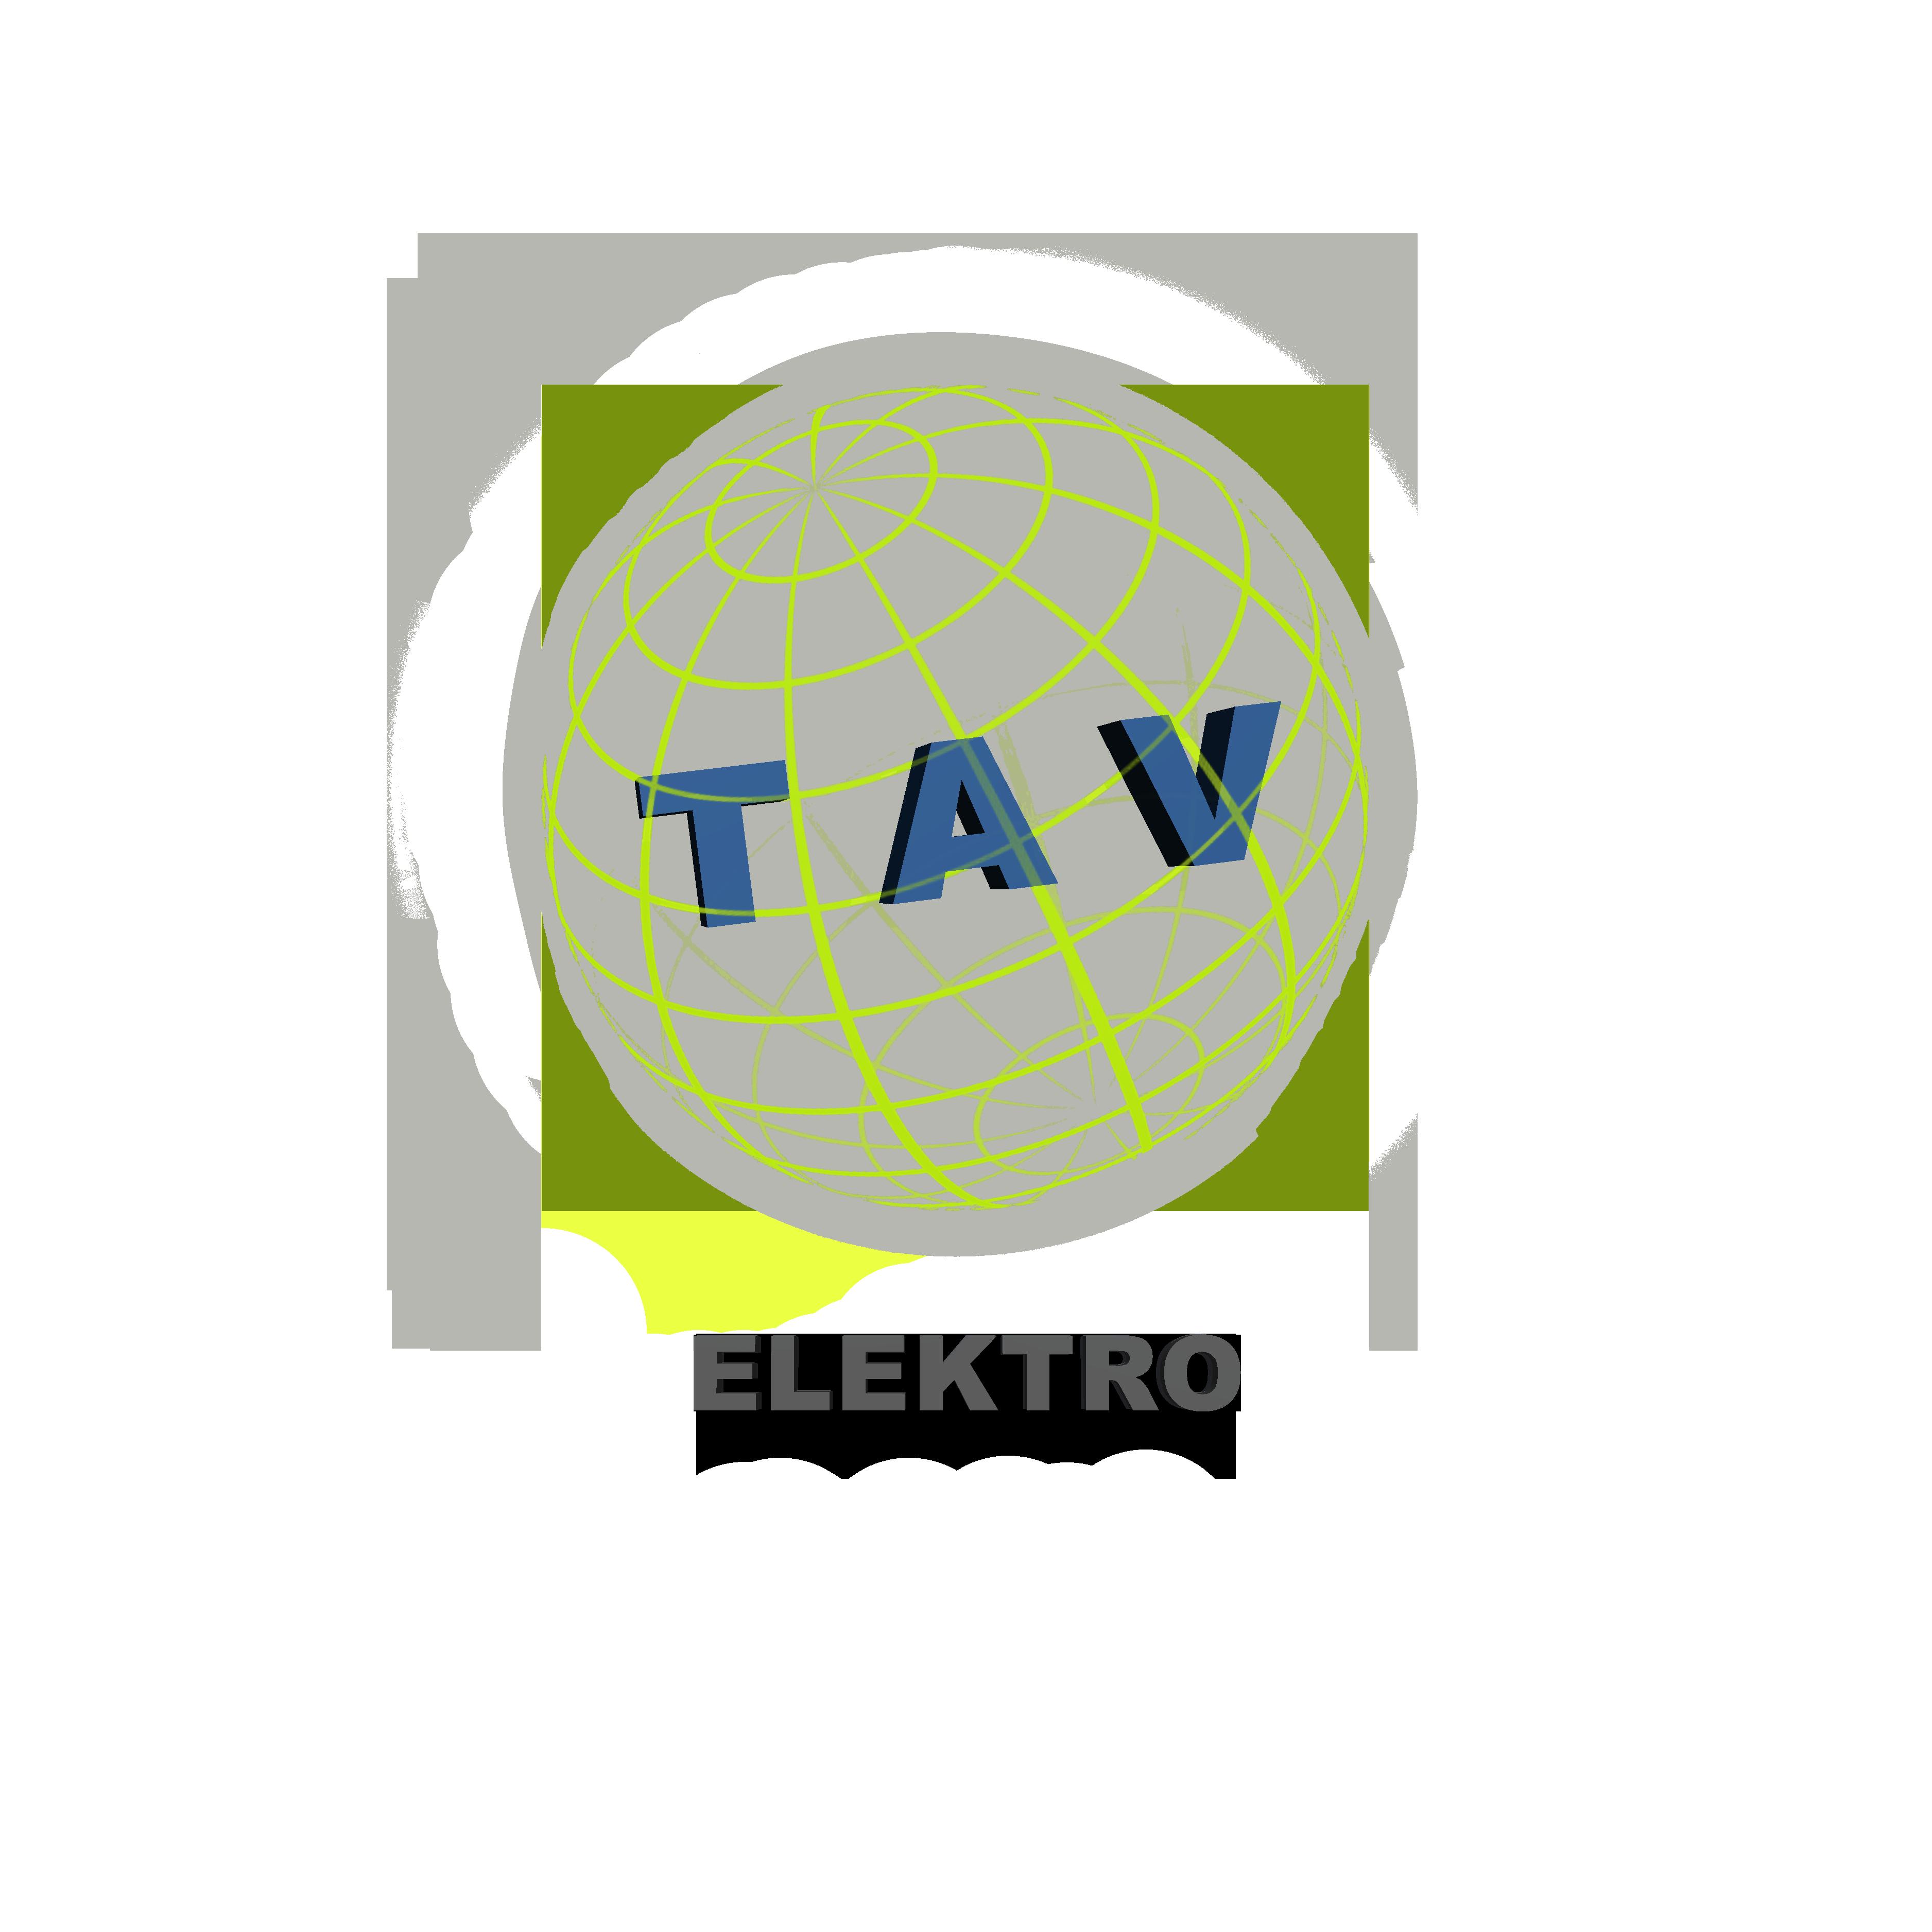 TAV ELEKTRO